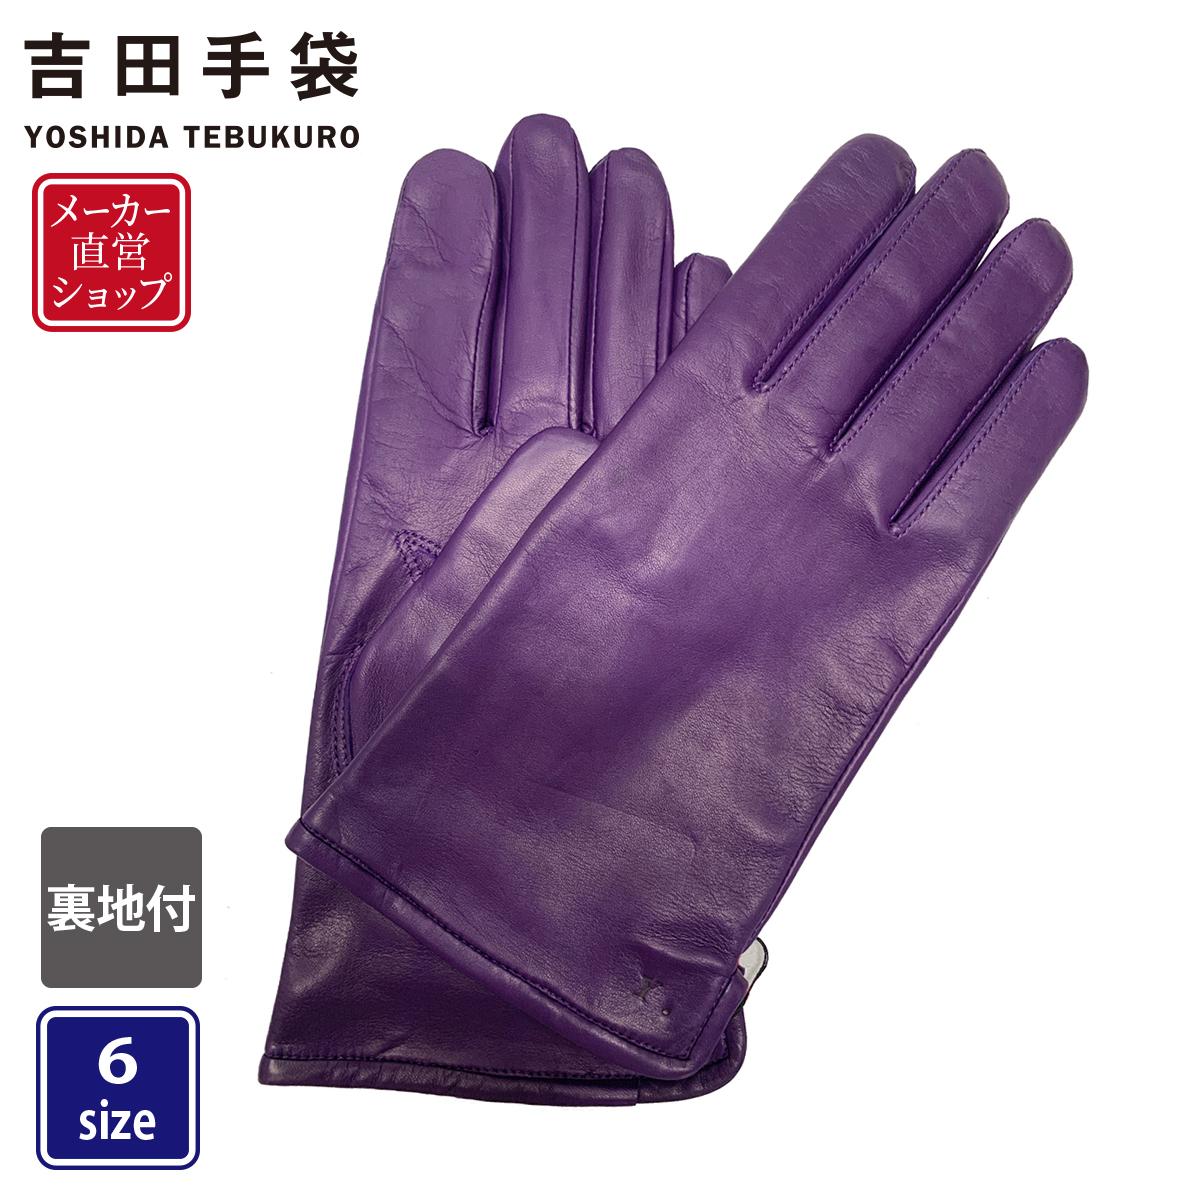 オーダーメイド 手袋 革手袋 吉田手袋 メンズ シープレザー グローブ スタンダード無地 起毛裏地